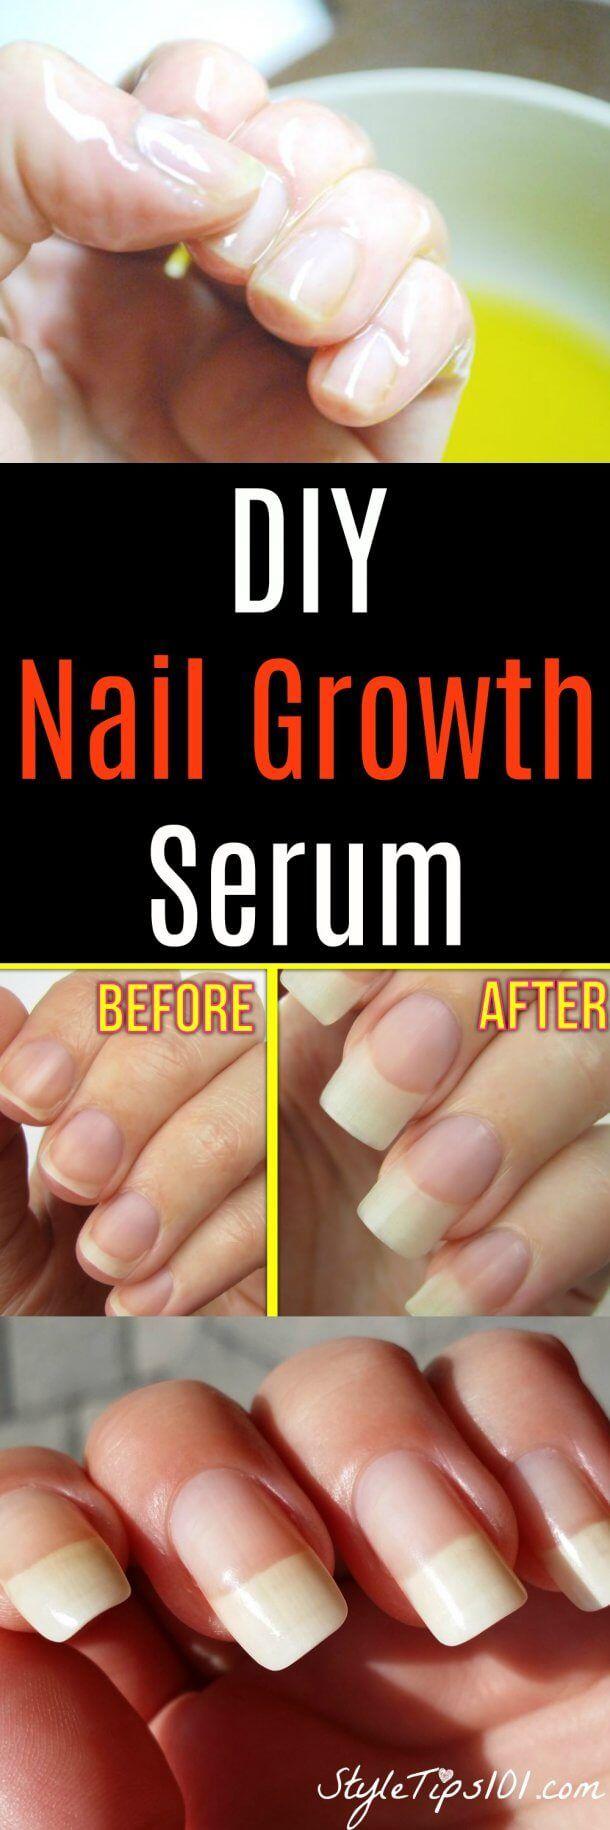 DIY Nail Growth Serum